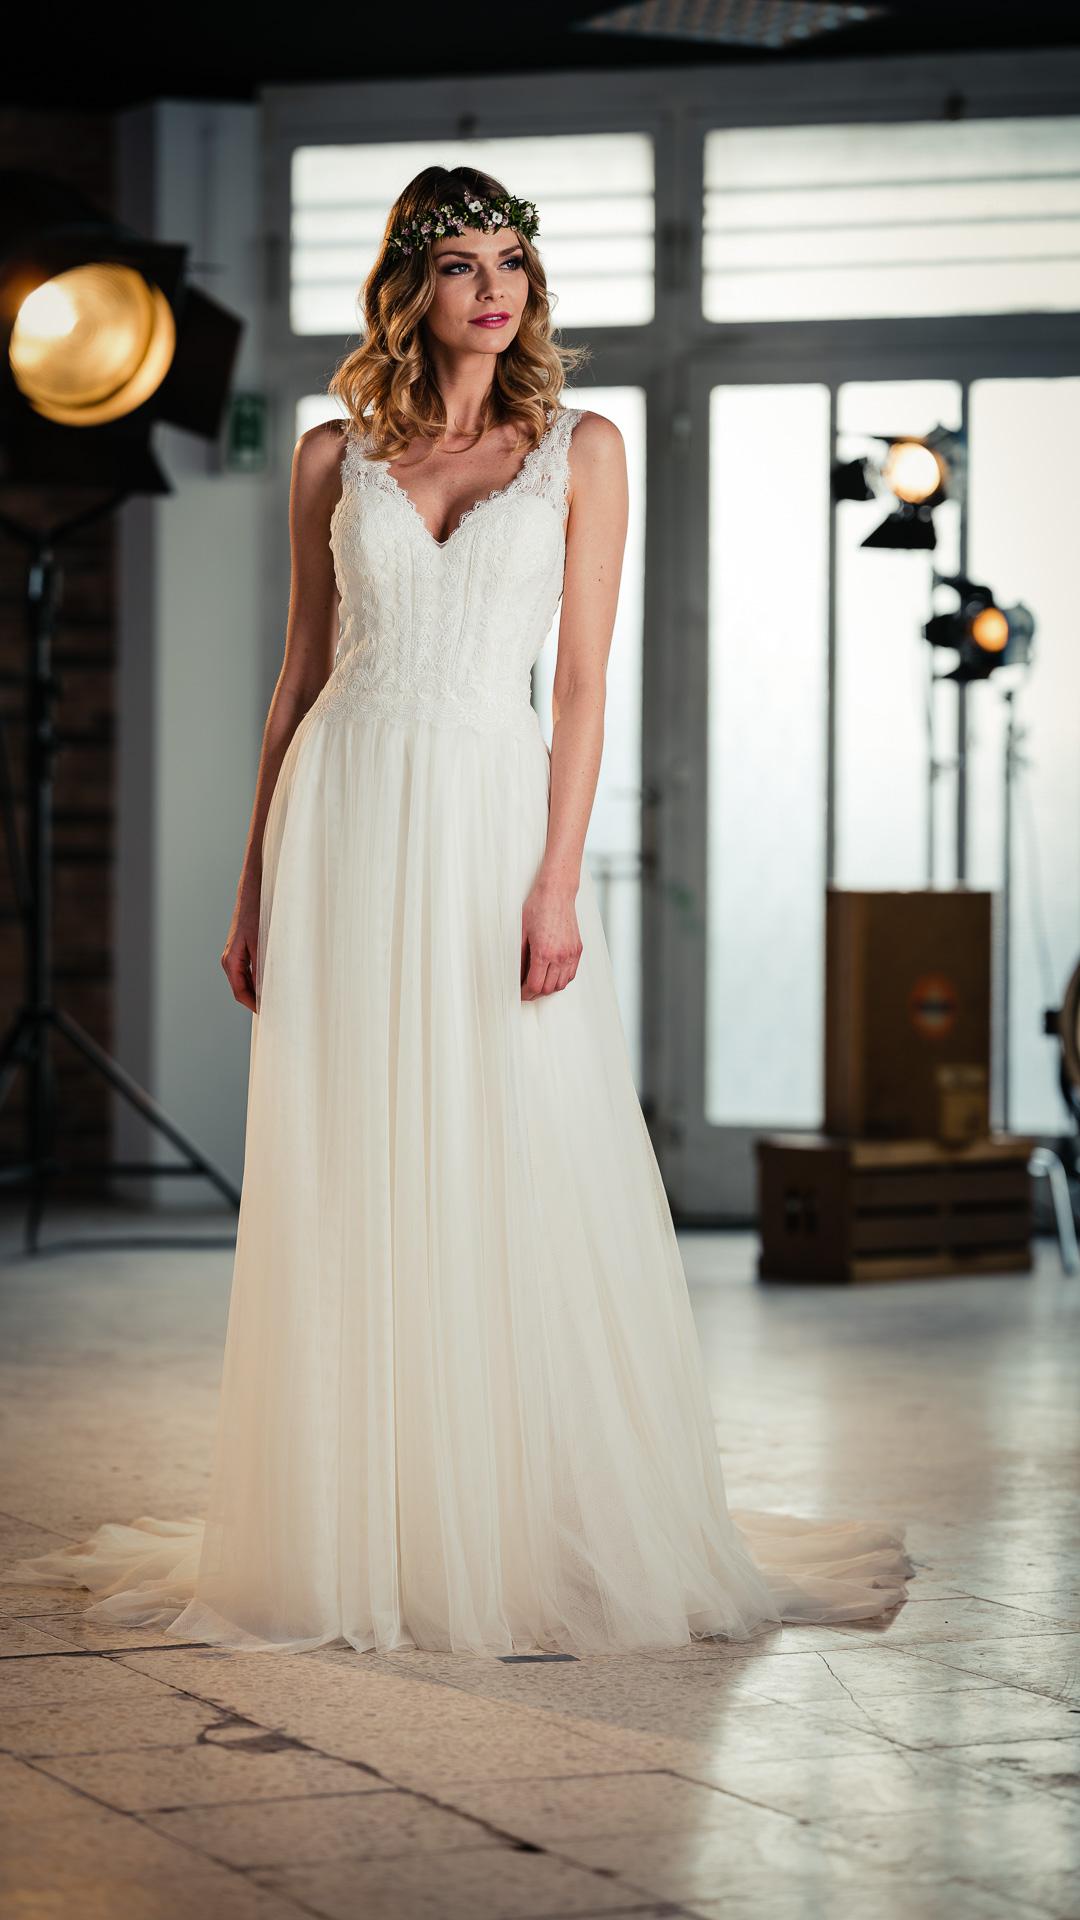 Kollektion 2021 Brautkleid 1076 von DMY